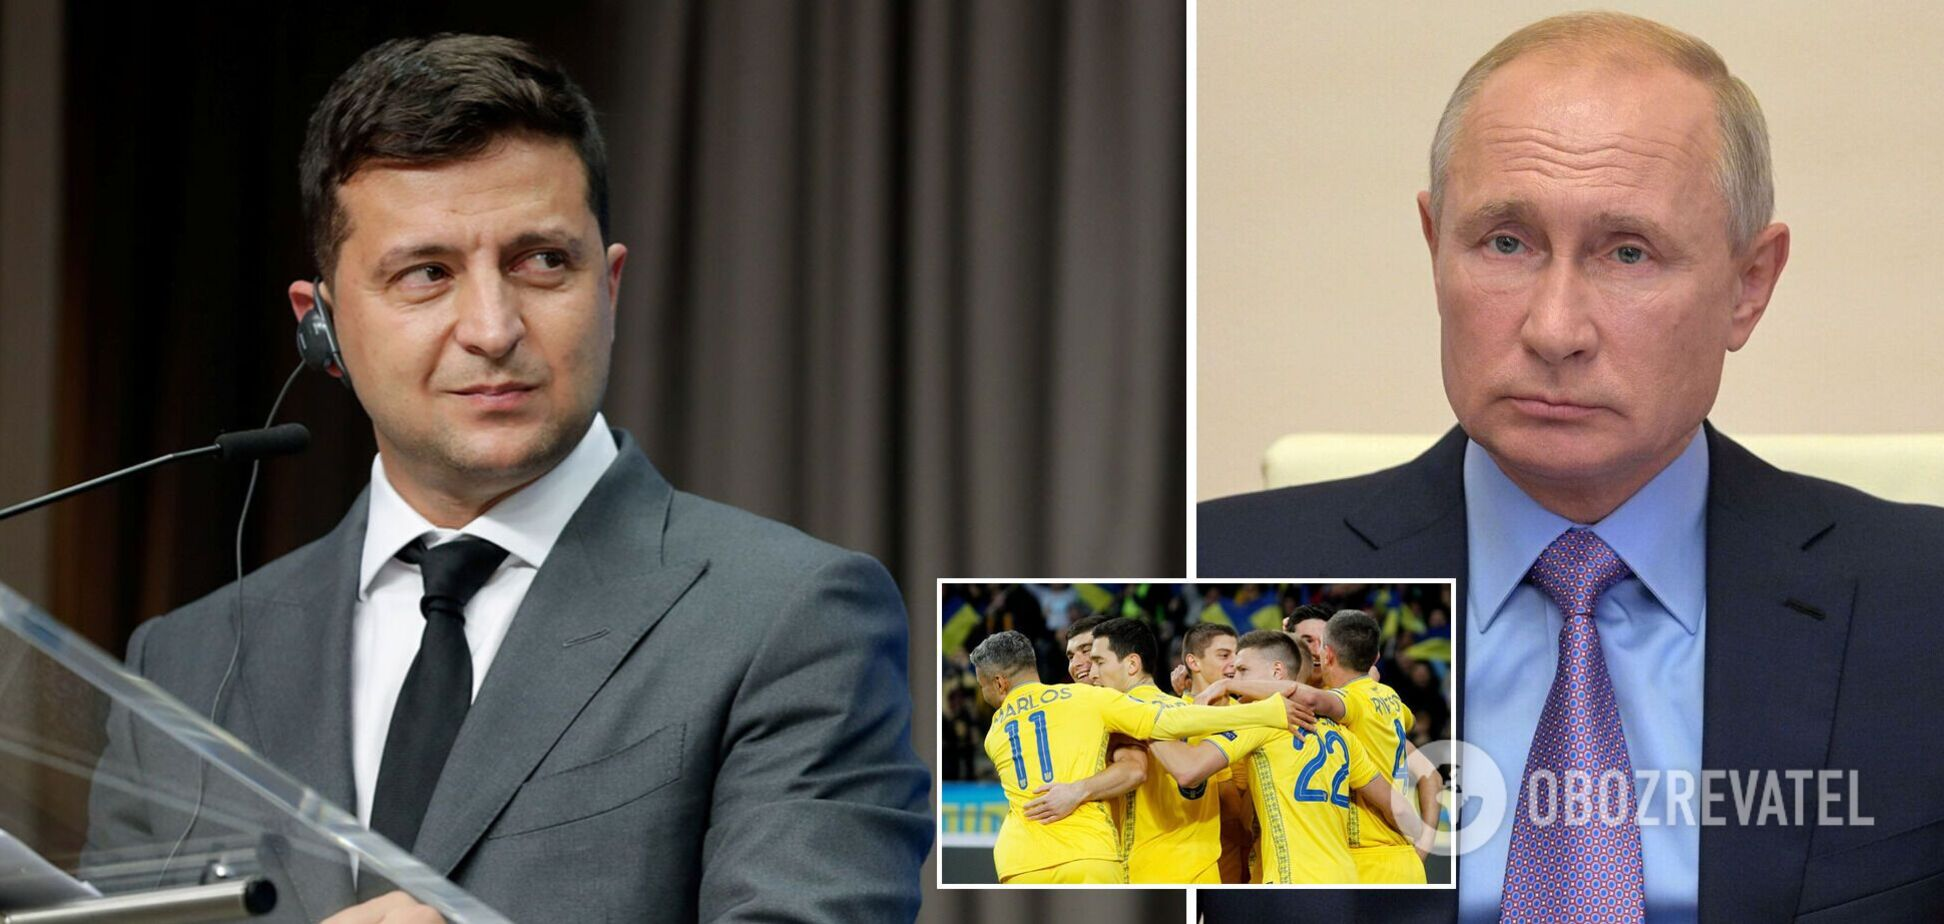 Новости Украины: Зеленский поддержал сборную перед матчем с Англией, а Путин выдал обвинения Киеву